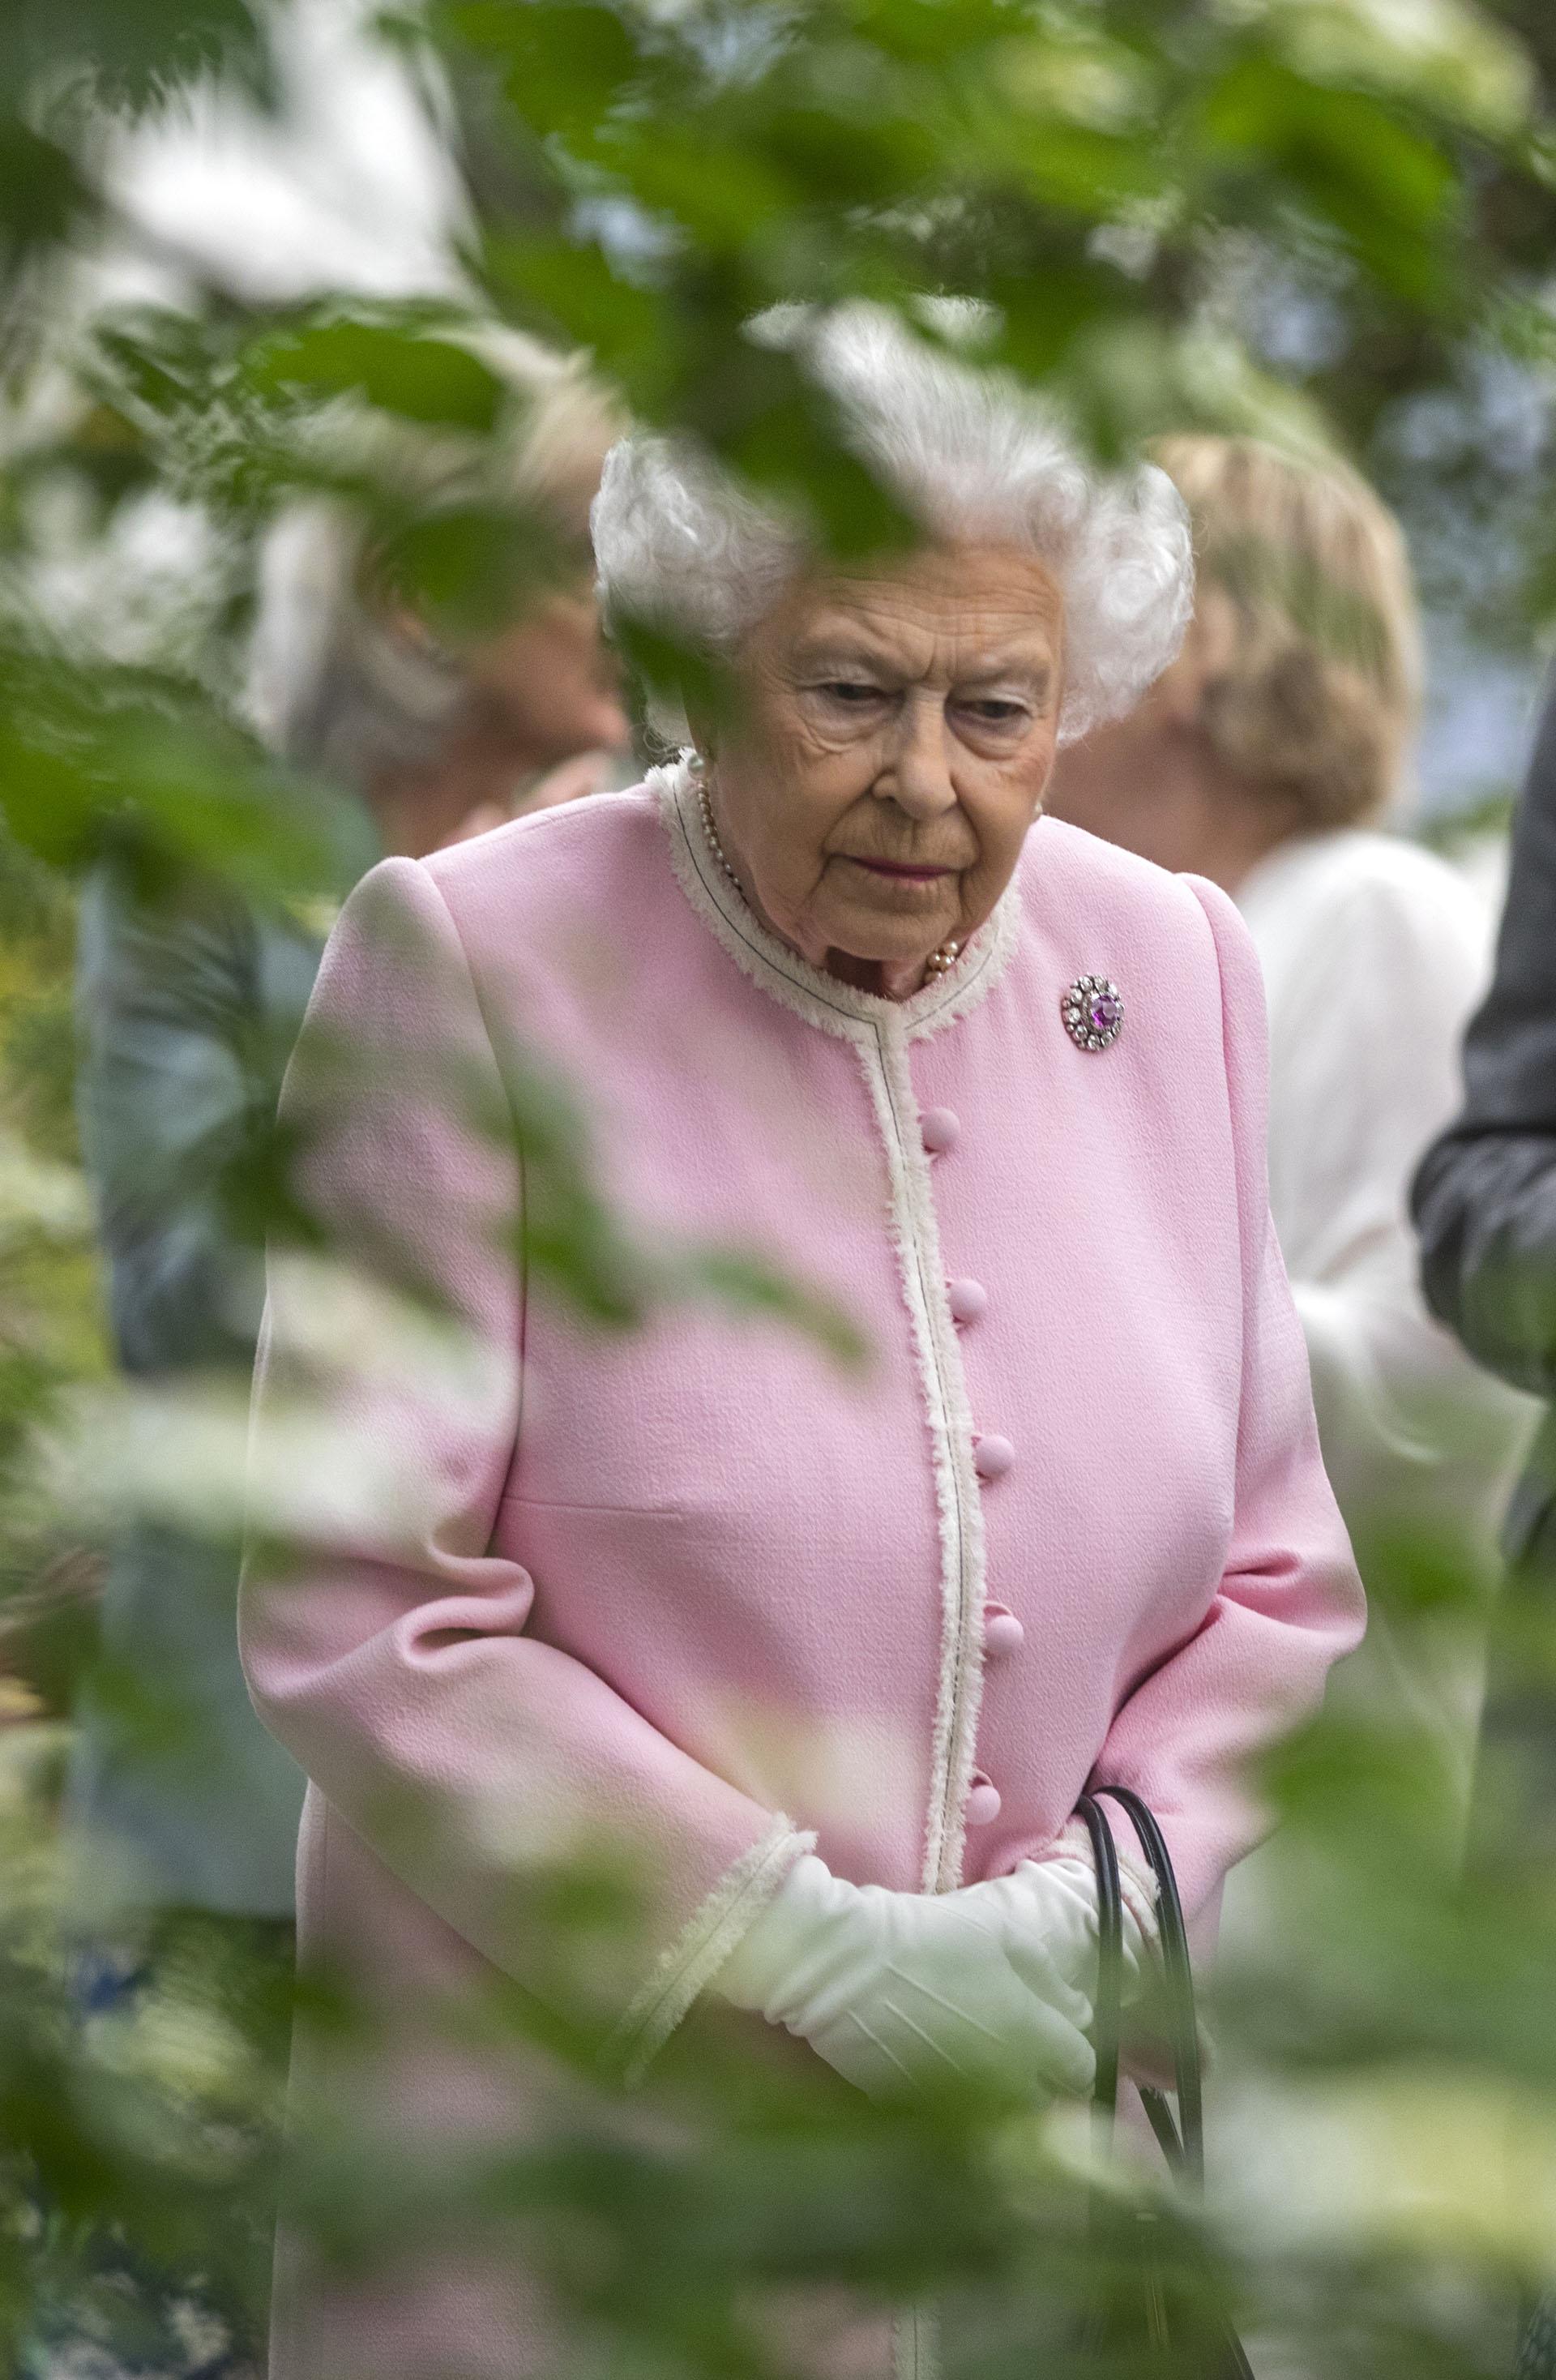 El estilo monocromo de la reina no es ninguna novedad, ya que lo adoptó desde su juventud y se convirtió en el sello de su elegancia